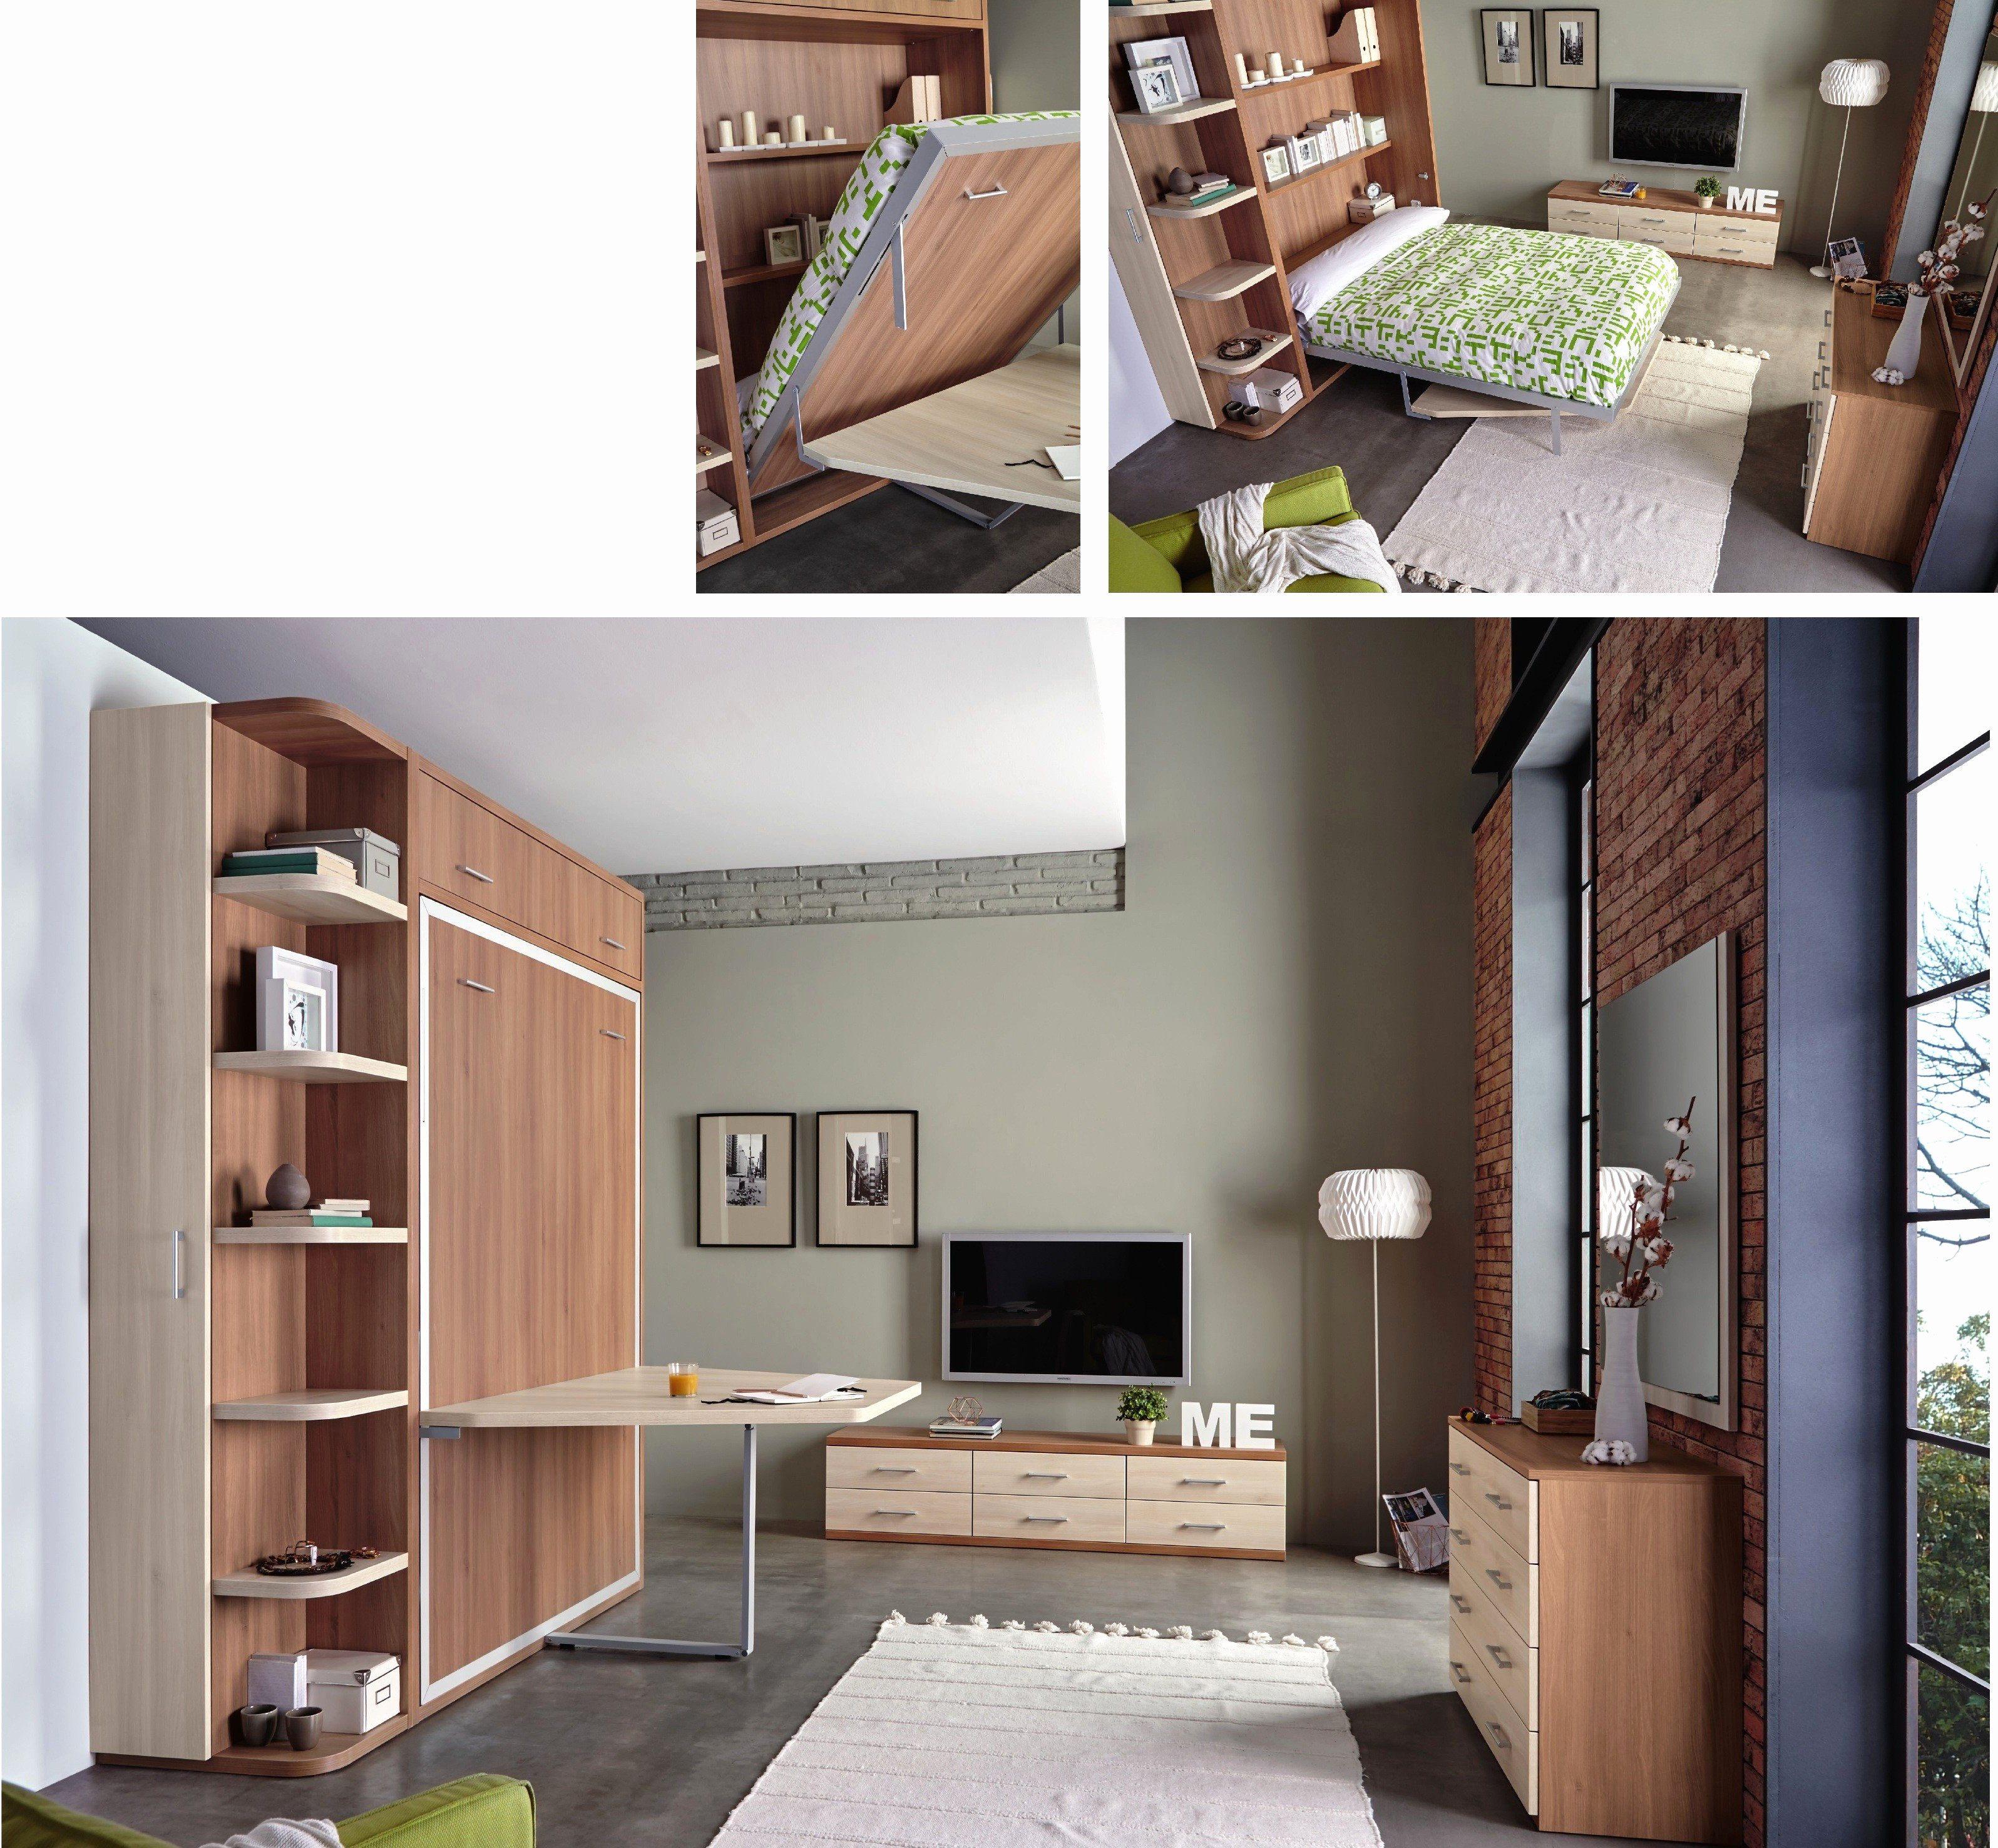 Armoire Lit Escamotable Ikea Meilleur De source D Inspiration Lit Meuble Escamotable Beau Armoire Alinea 0d